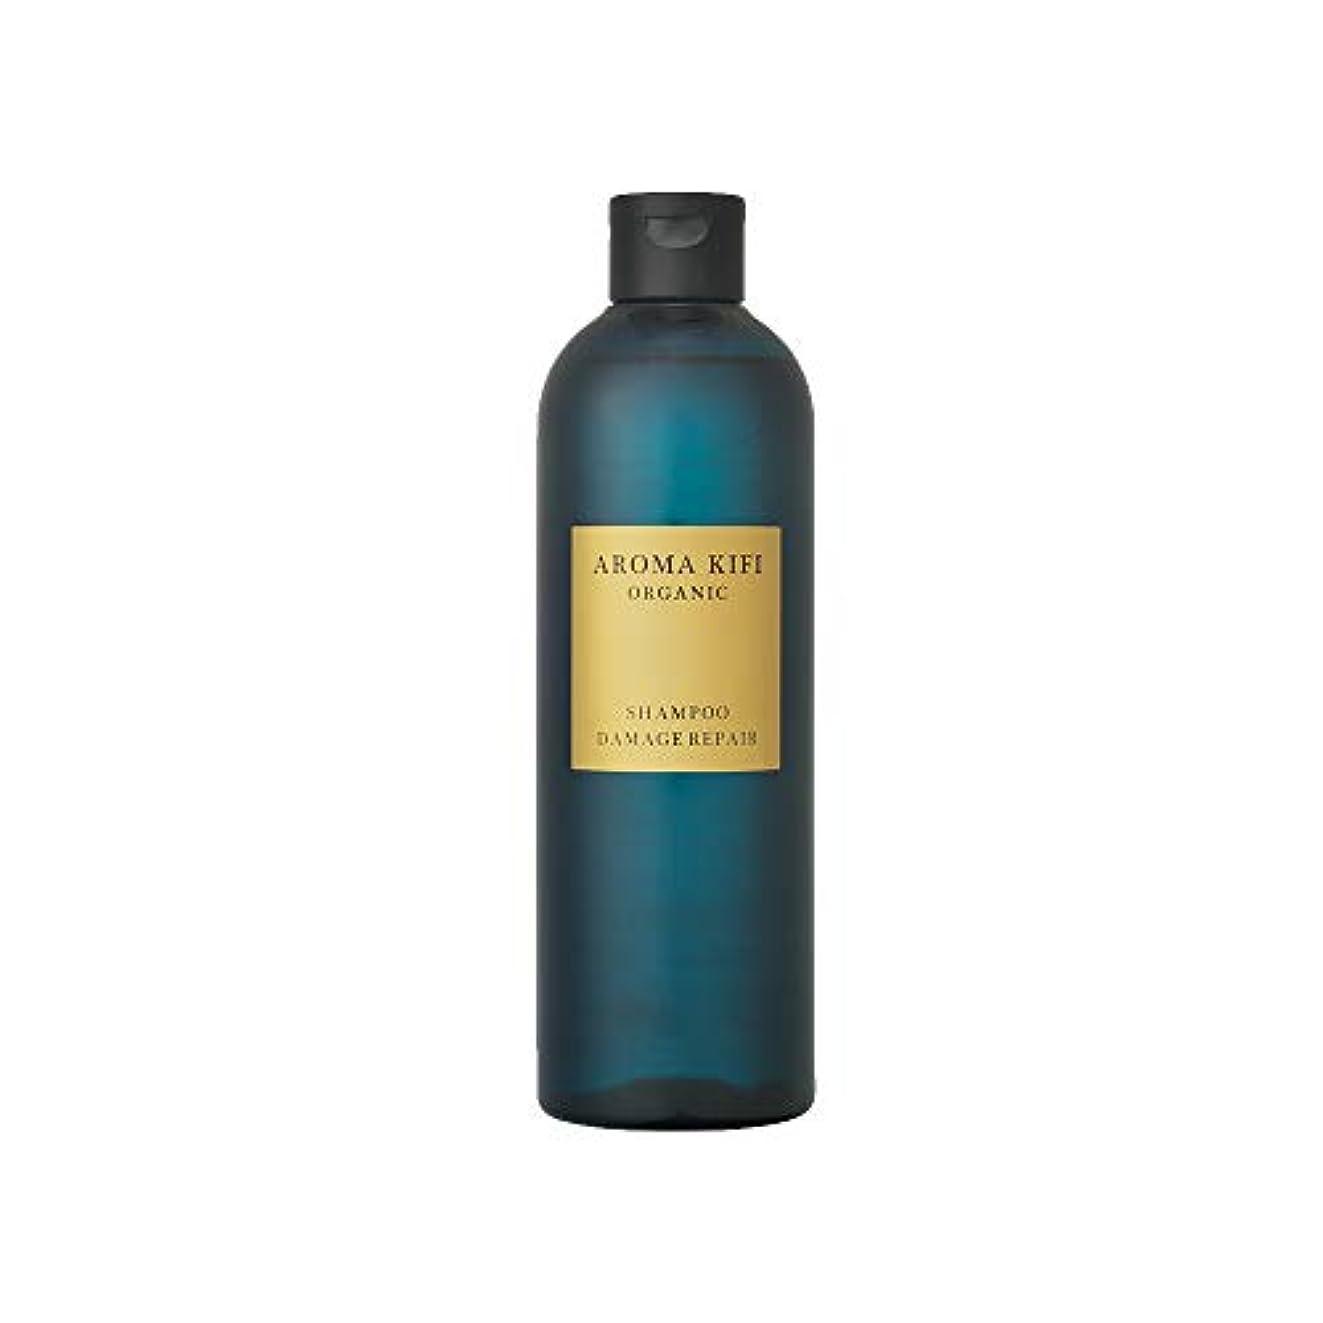 インシデントまろやかなガラスアロマキフィ オーガニック シャンプー 480ml 【ダメージリペア】サロン品質 ノンシリコン 無添加 アロマティックローズの香り